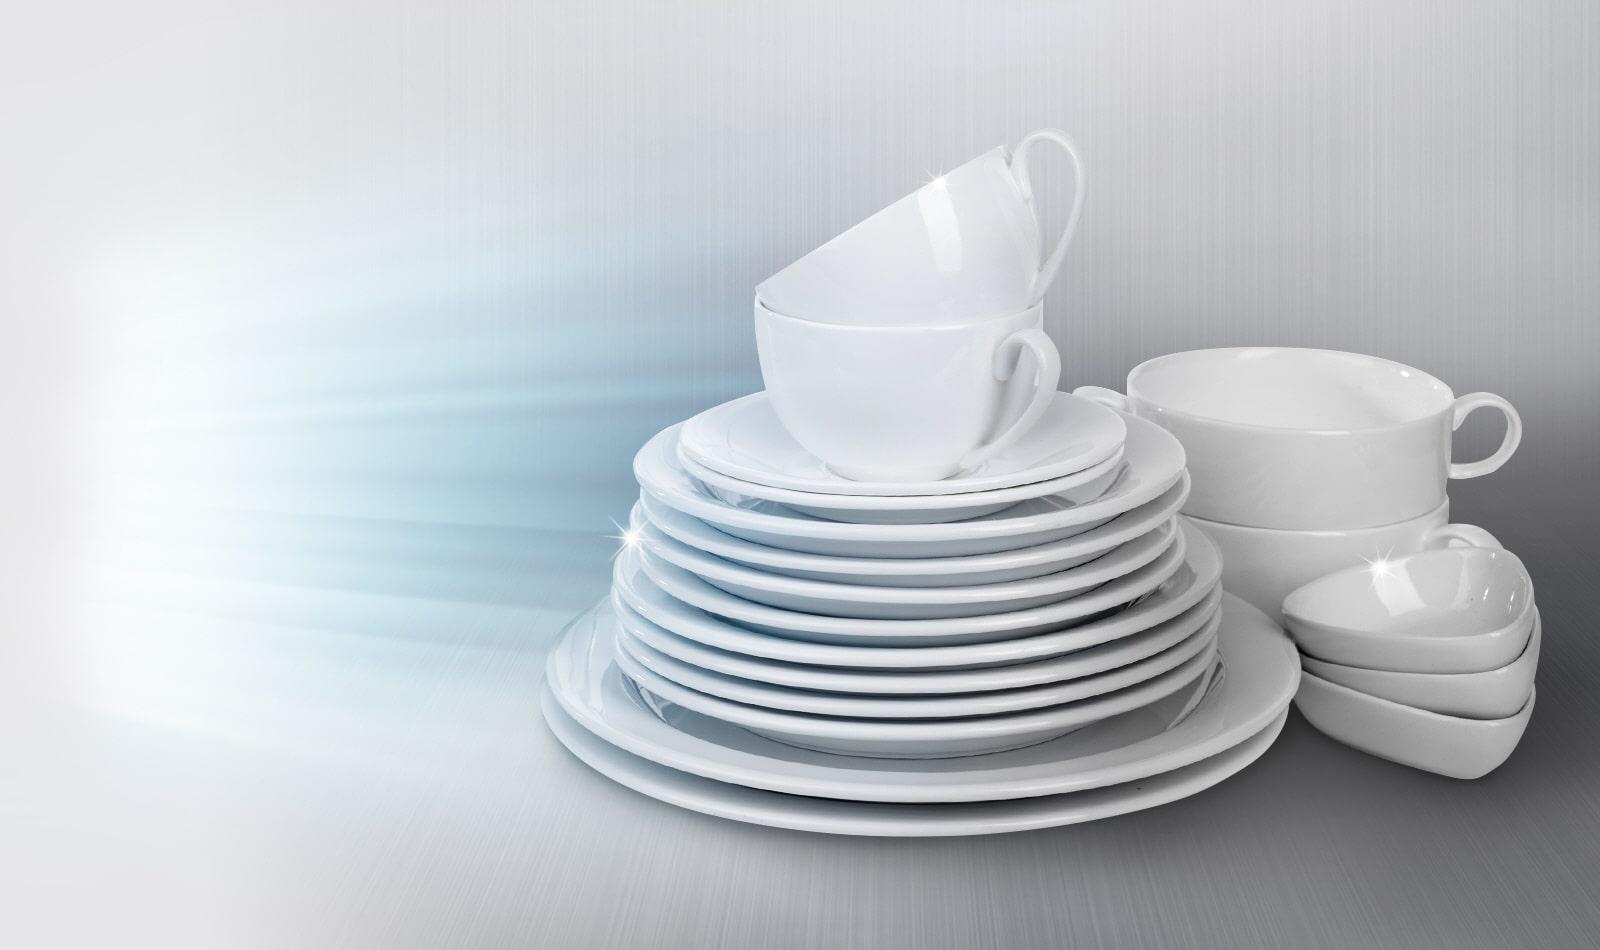 lg lave vaisselle direct drive truesteam d14567ixs d couvrez le lave vaisselle lg d14567ixs. Black Bedroom Furniture Sets. Home Design Ideas